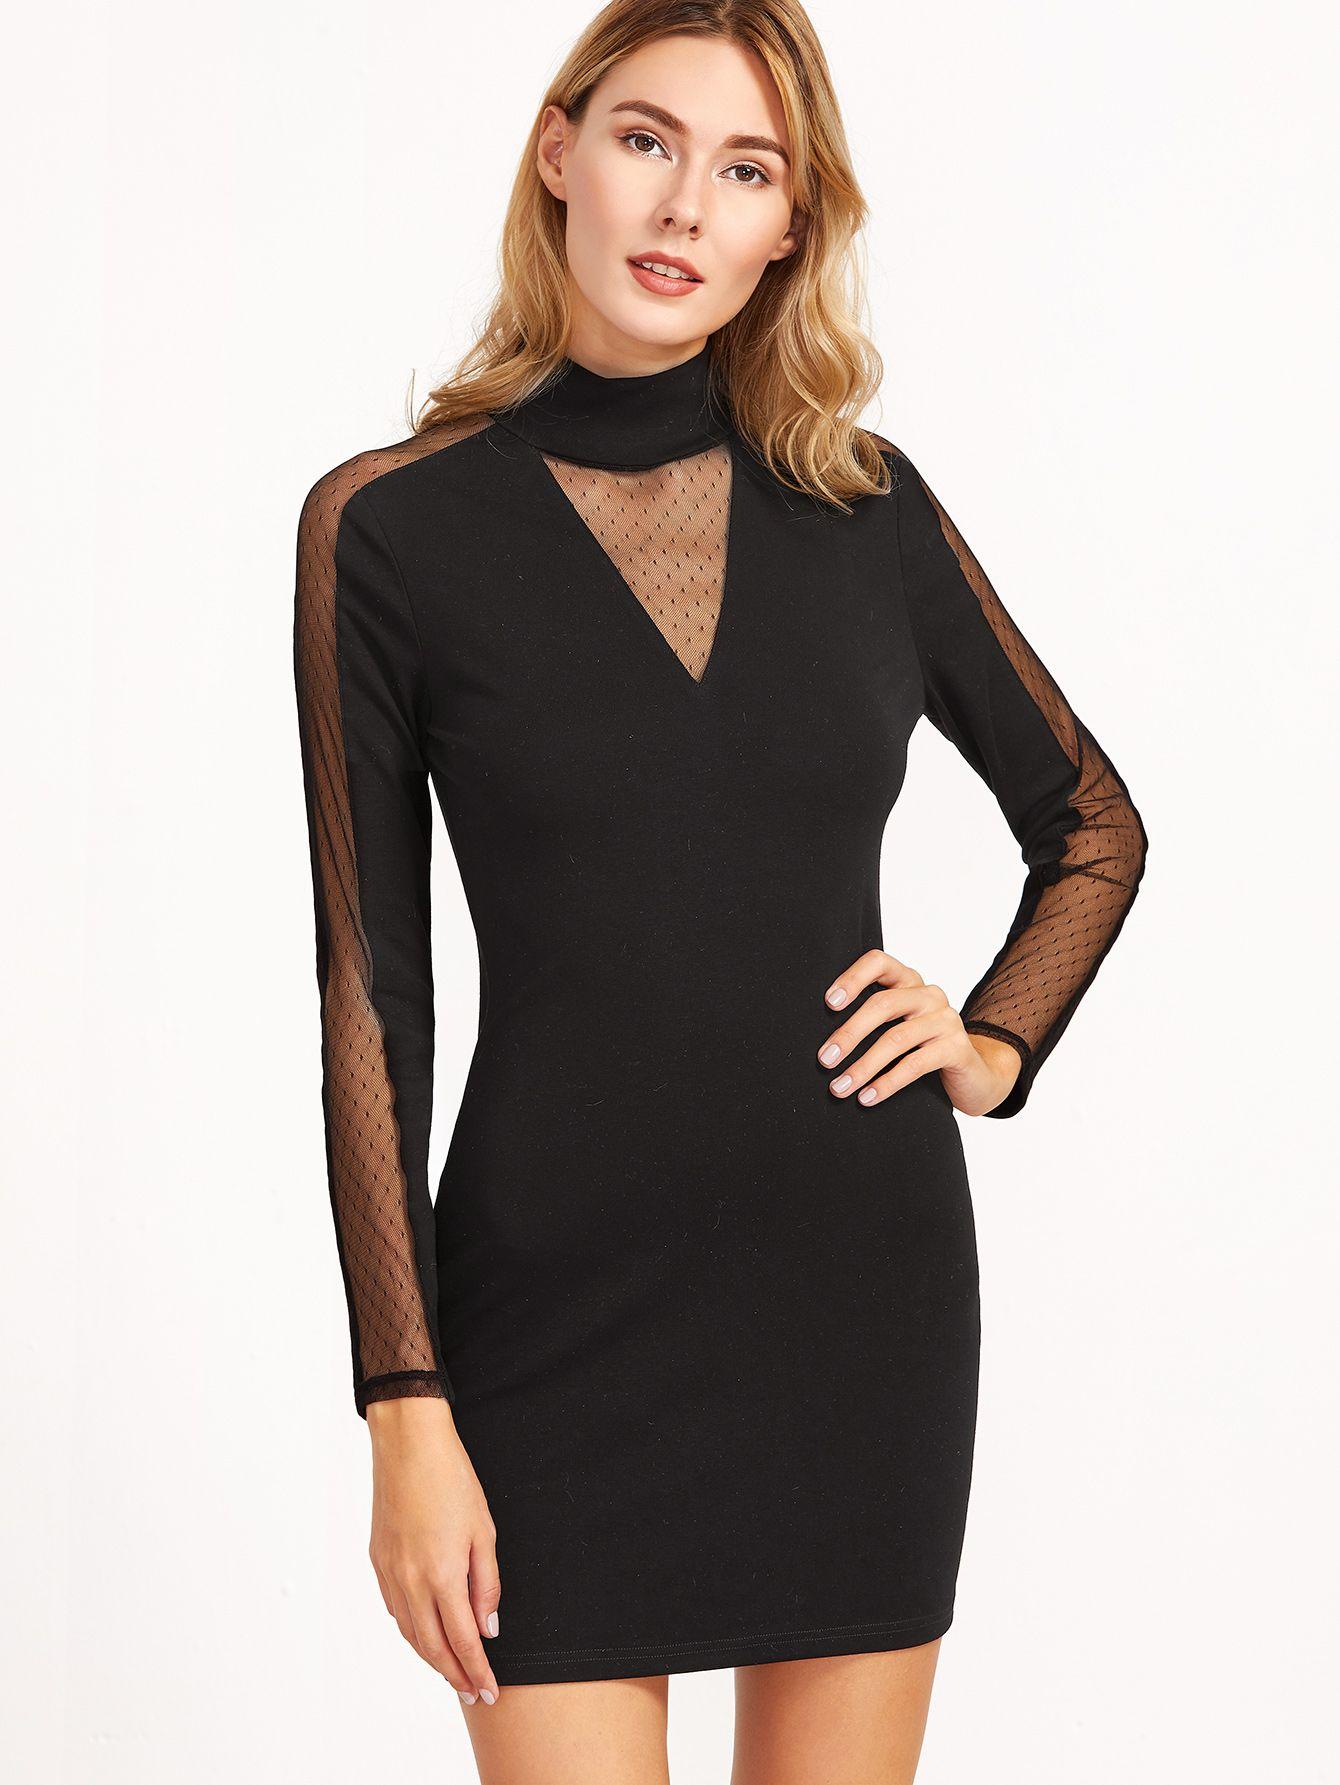 837a47afdf Vestido ajustado con aplicación de malla y cuello alto-(Sheinside ...